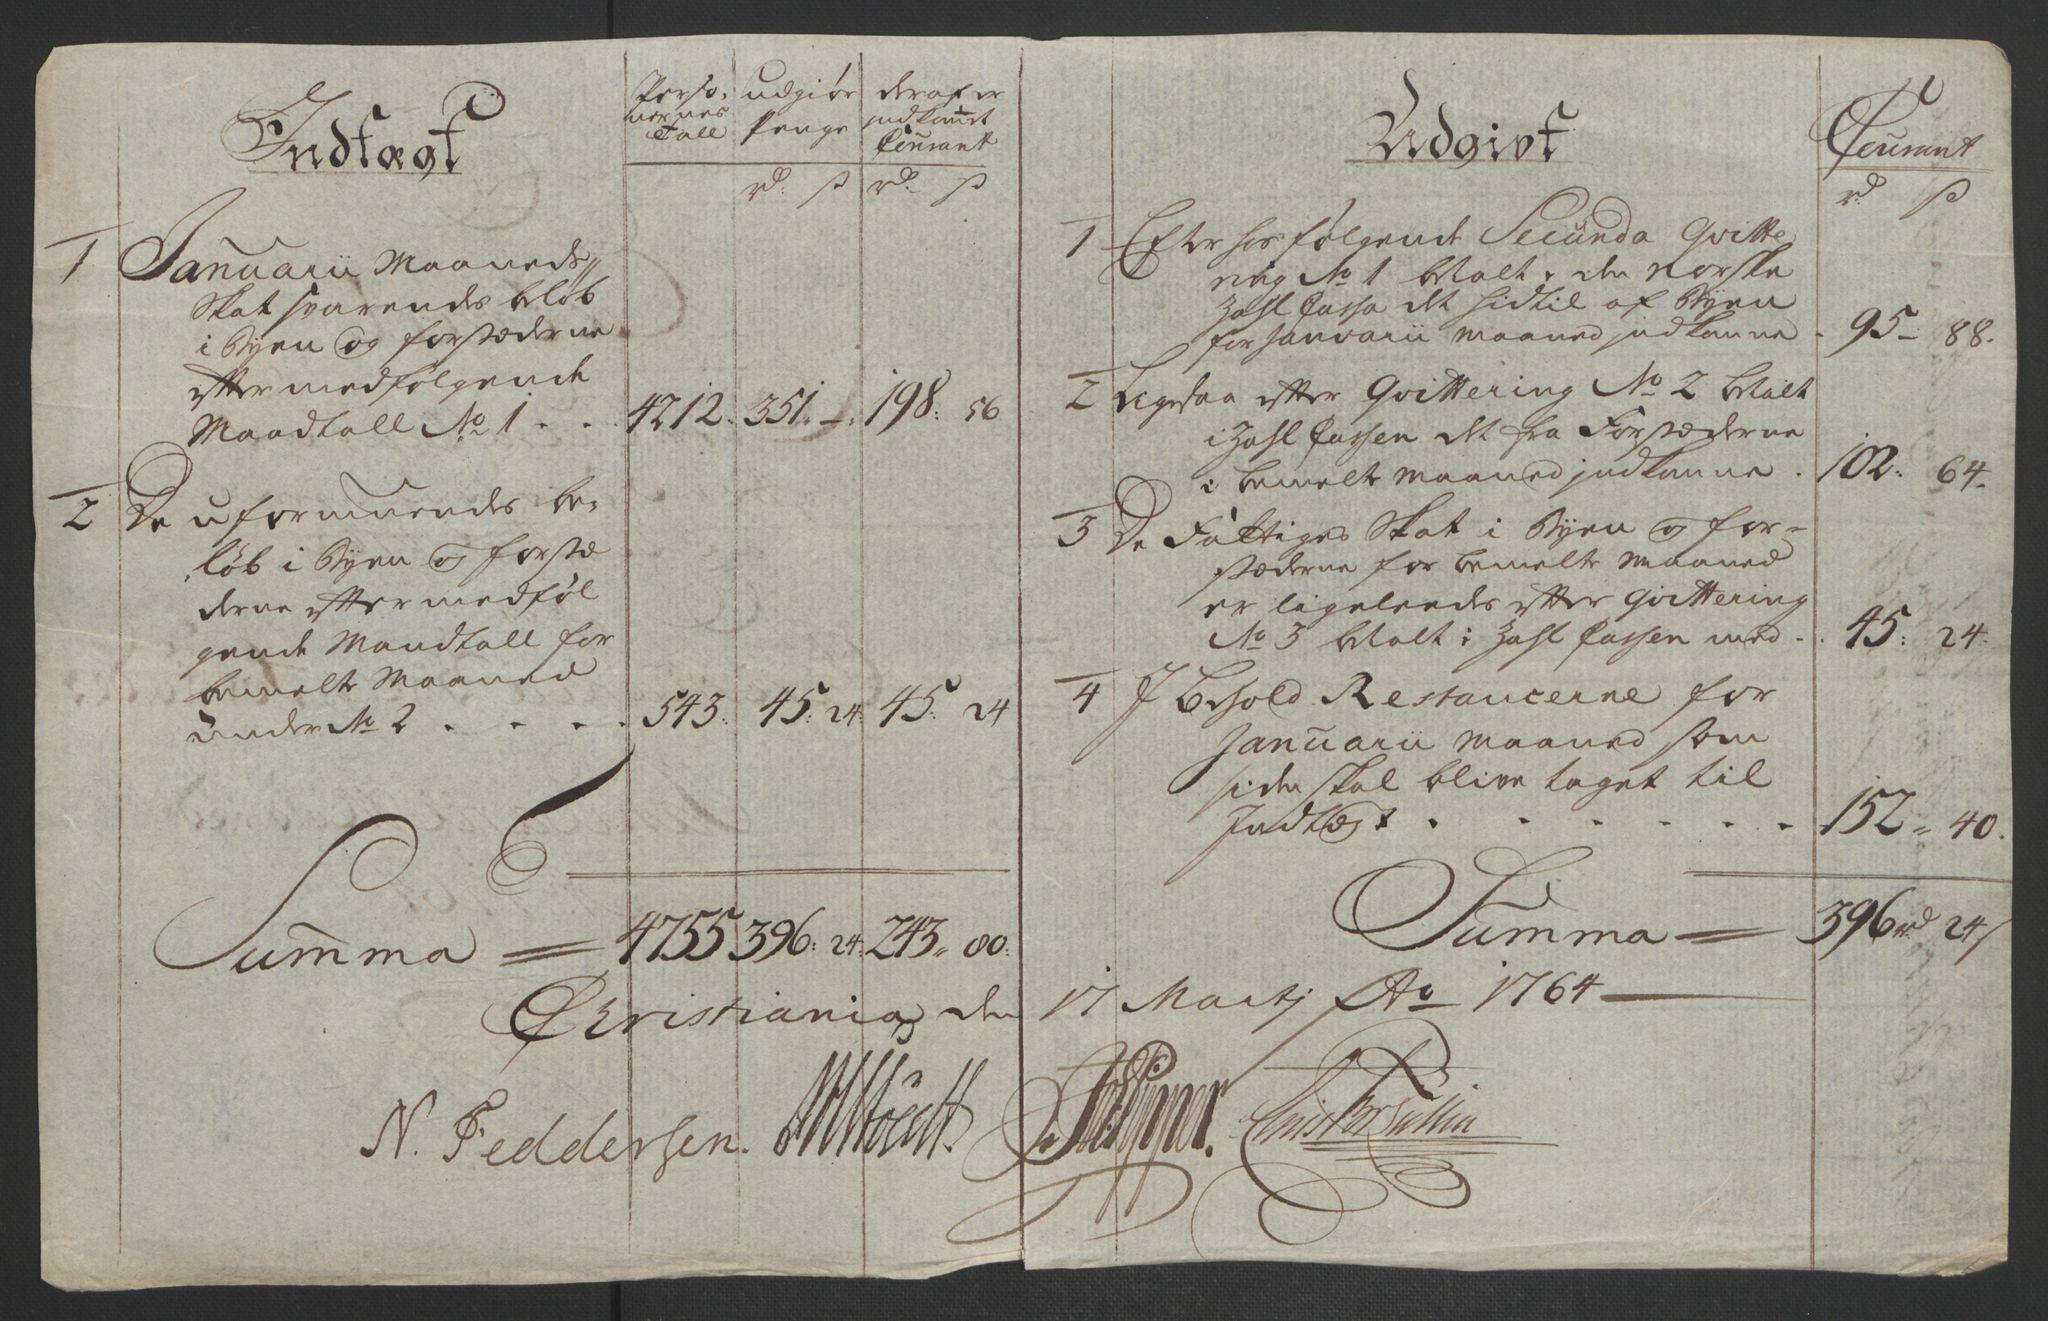 RA, Rentekammeret inntil 1814, Reviderte regnskaper, Byregnskaper, R/Re/L0072: [E13] Kontribusjonsregnskap, 1763-1764, s. 281